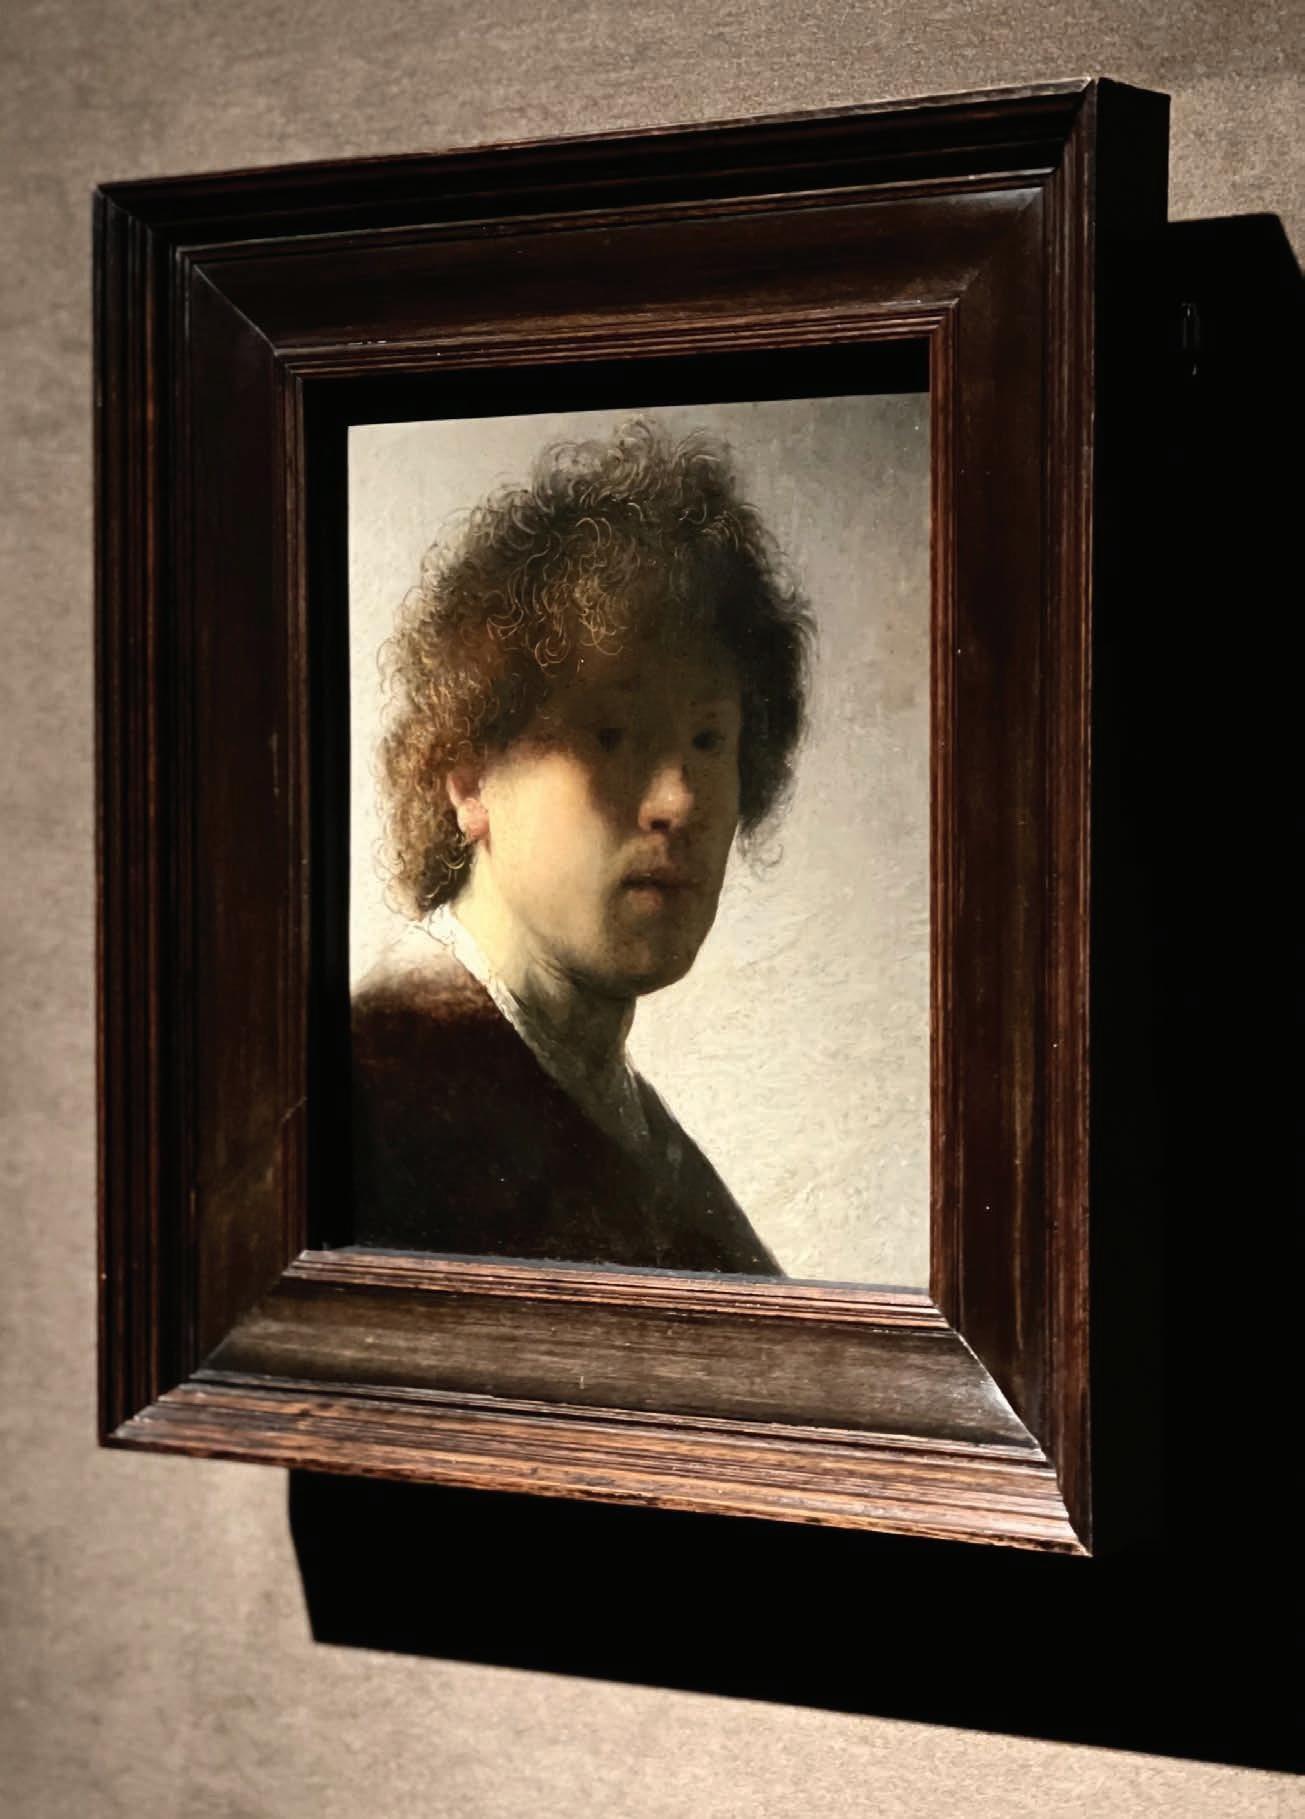 Page 64 of Pag Rembrandt in una storia meravigliosa